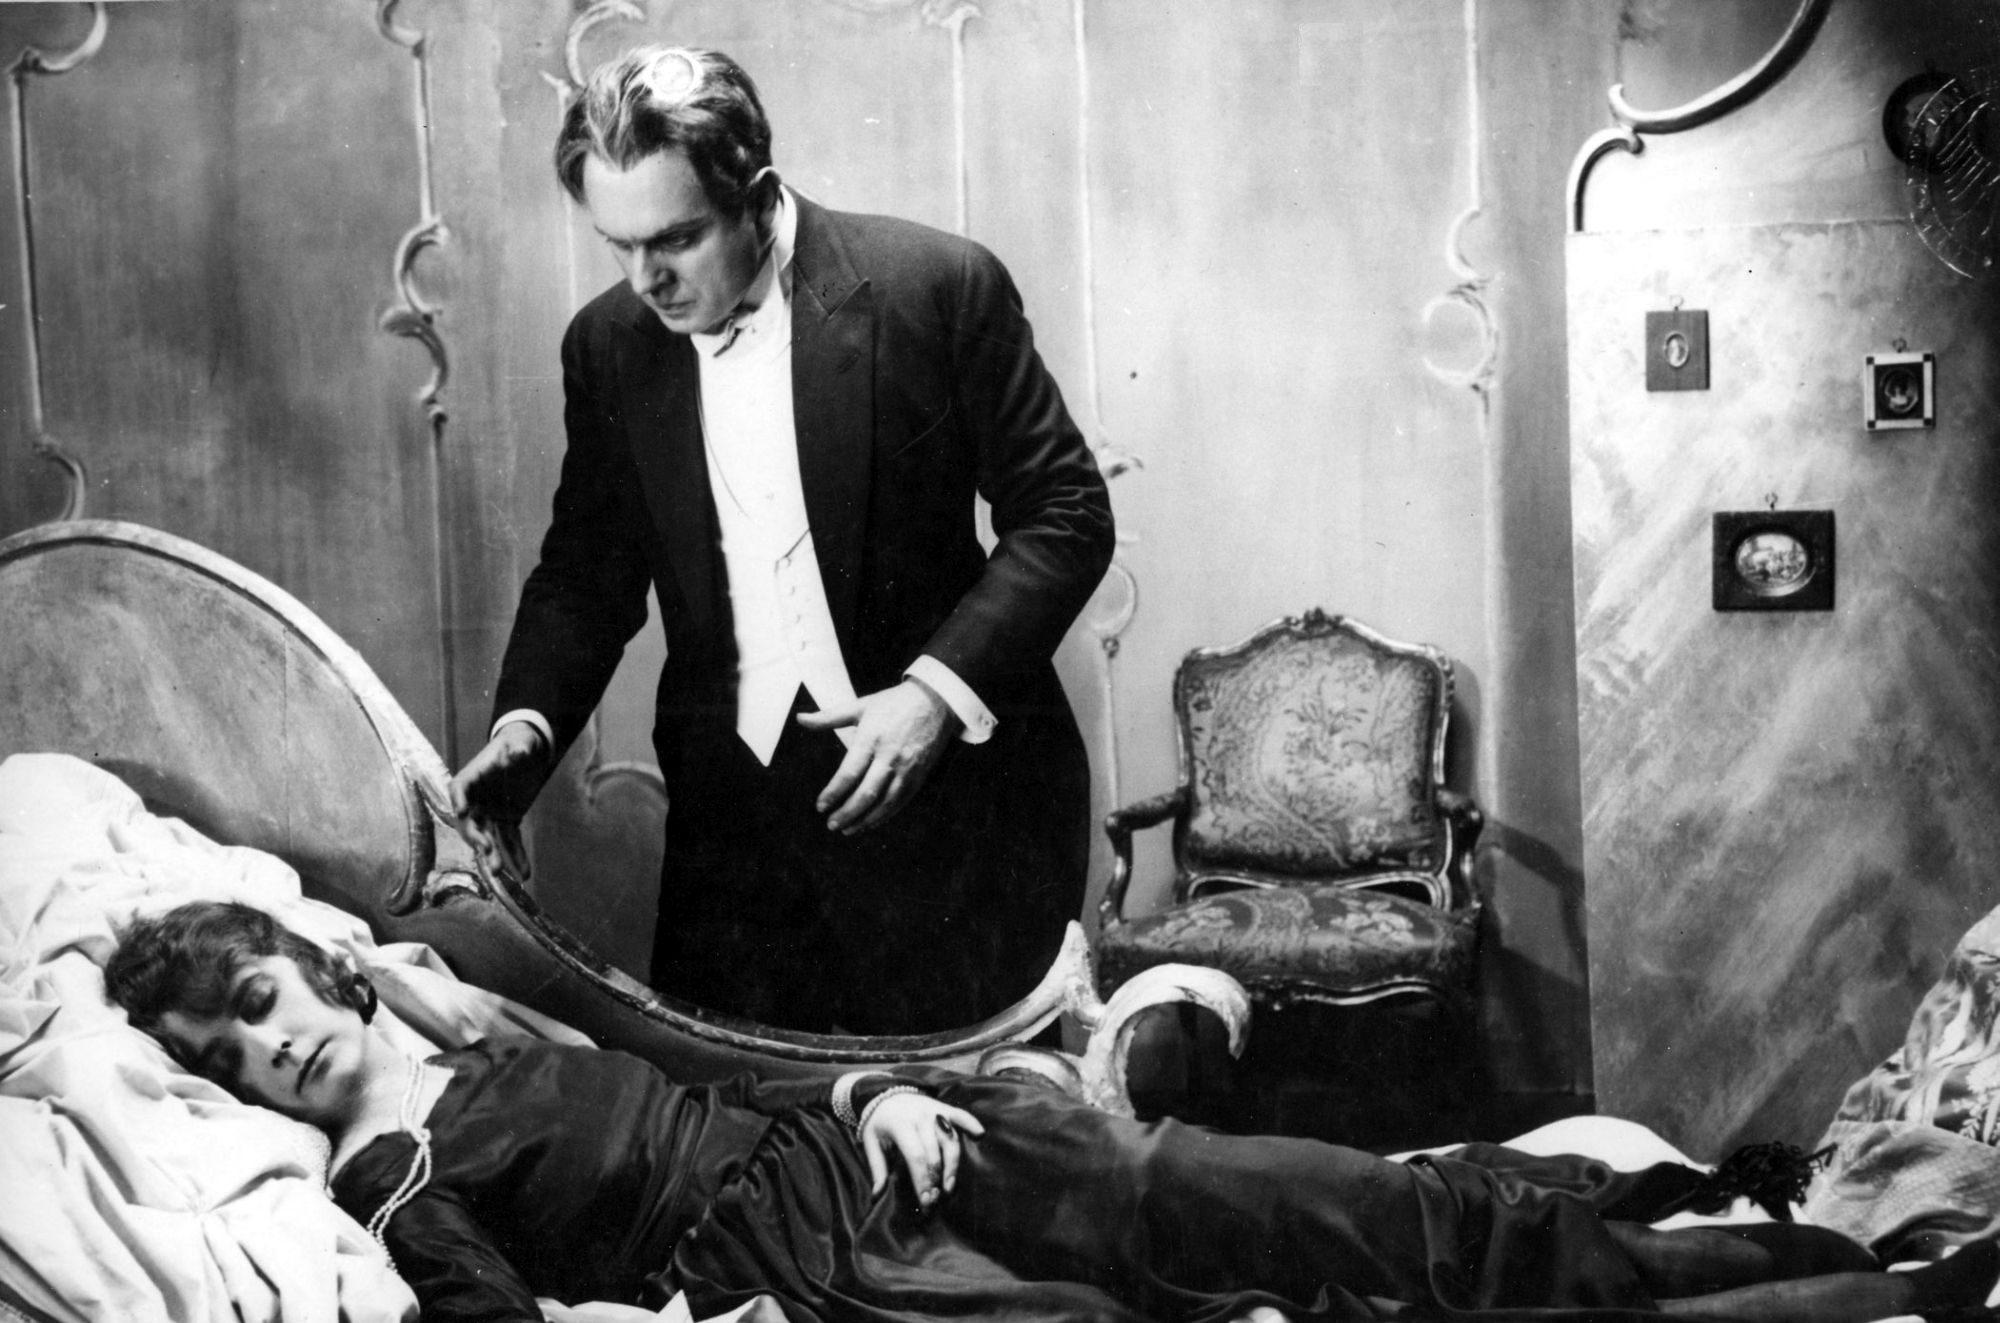 Filmszene aus Dr. Mabuse, der Spieler - Ein Bild der Zeit